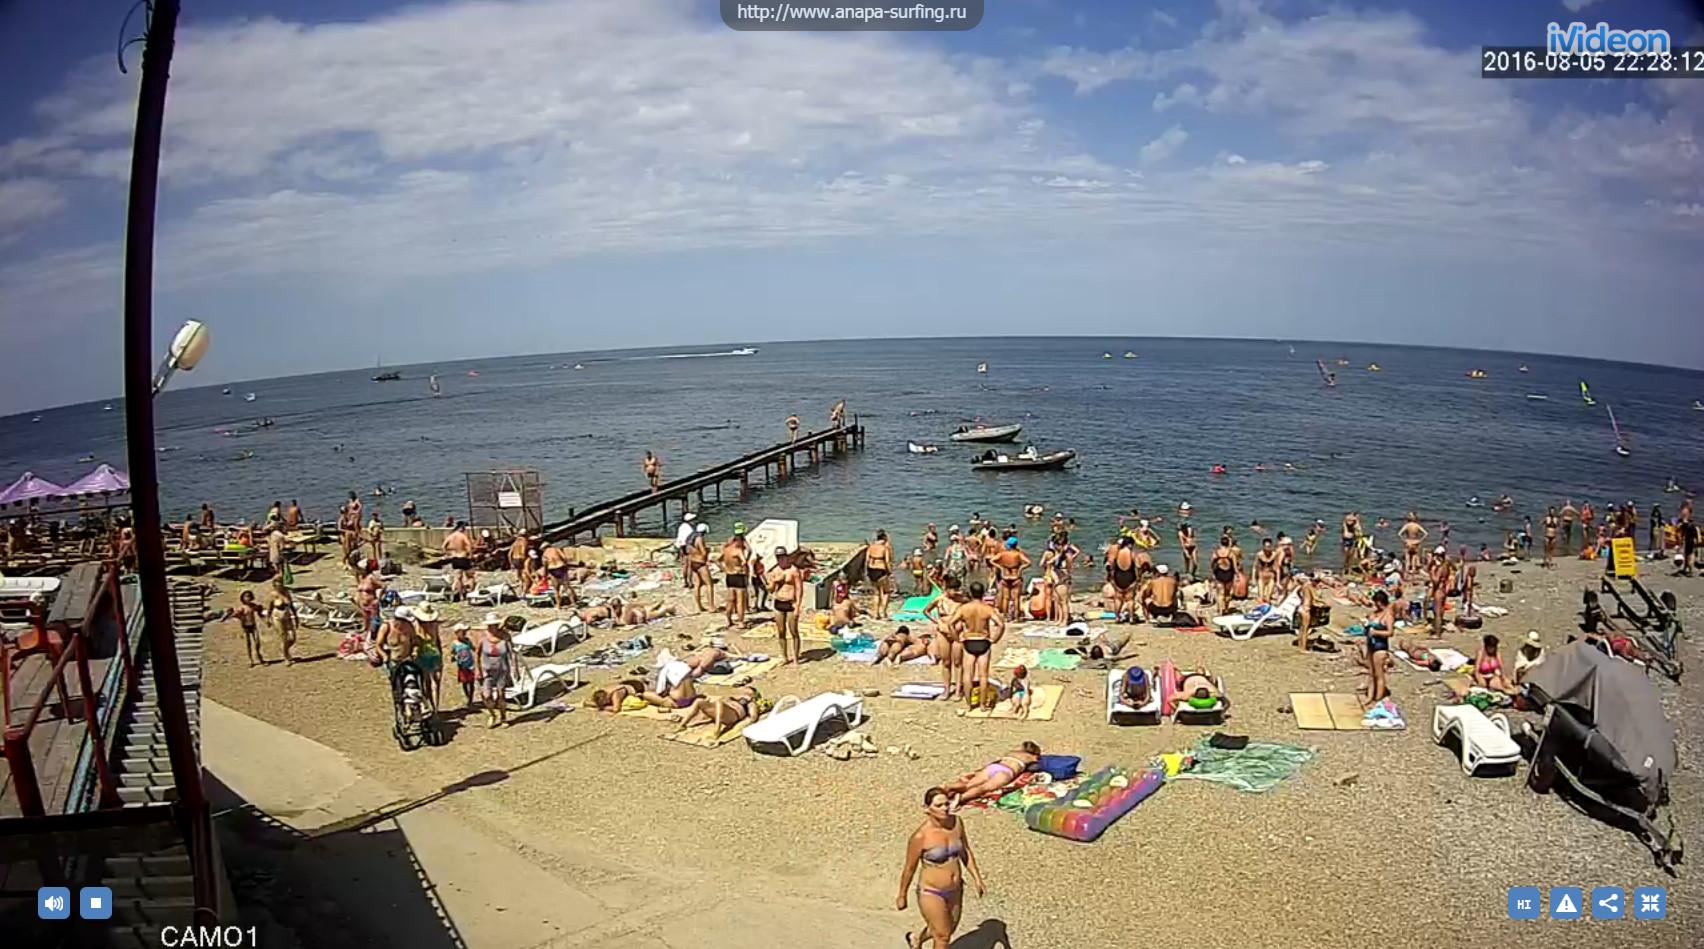 Сфоткал сестру на пляже 12 фотография